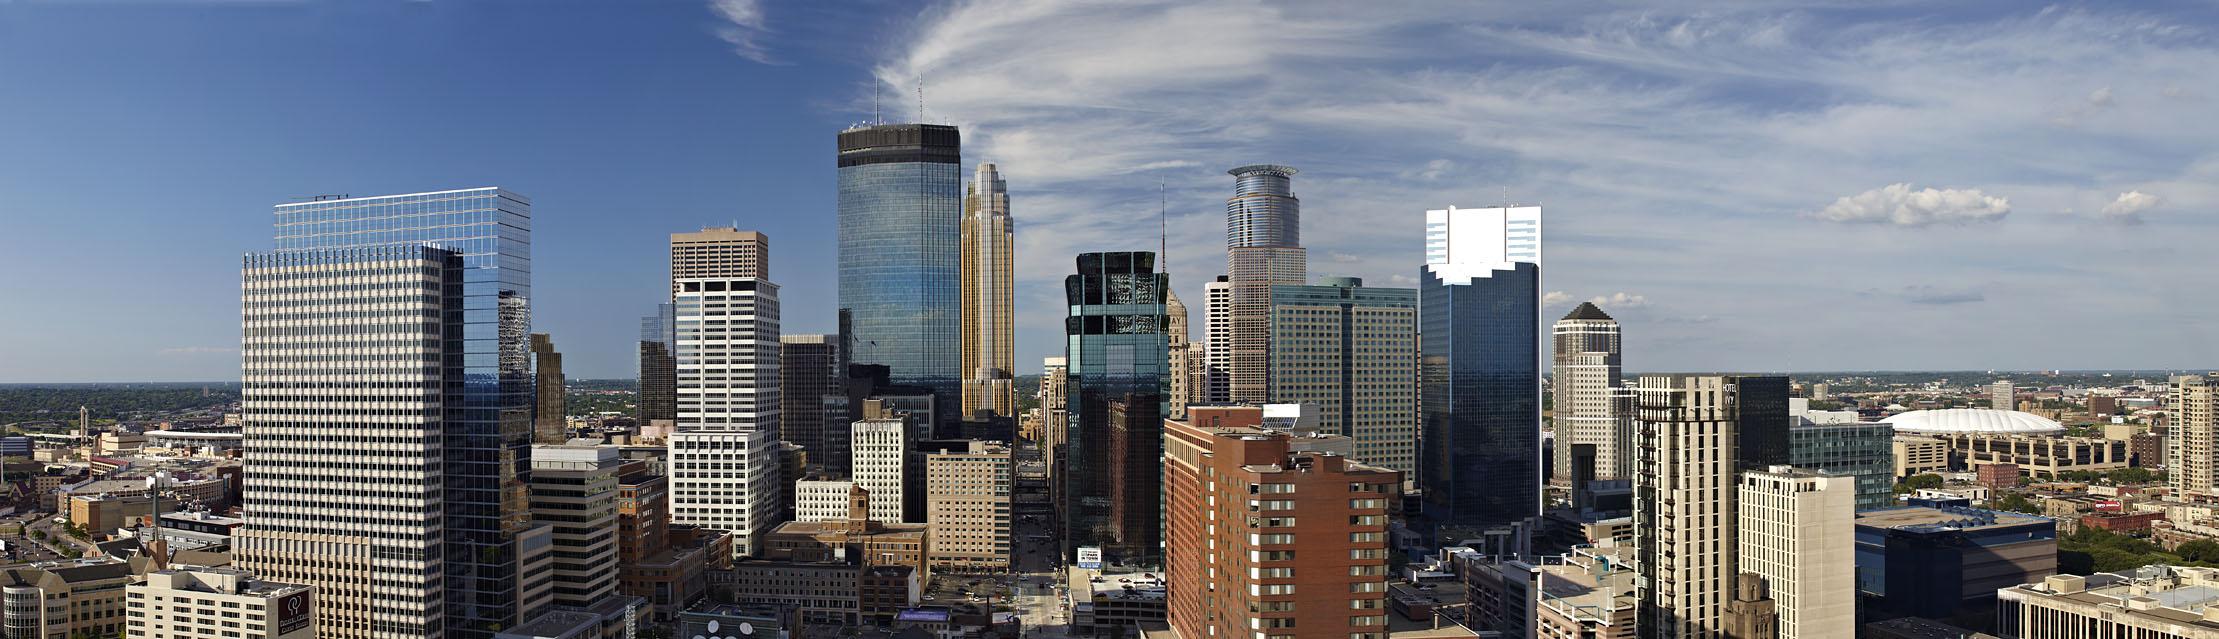 Panorama1a